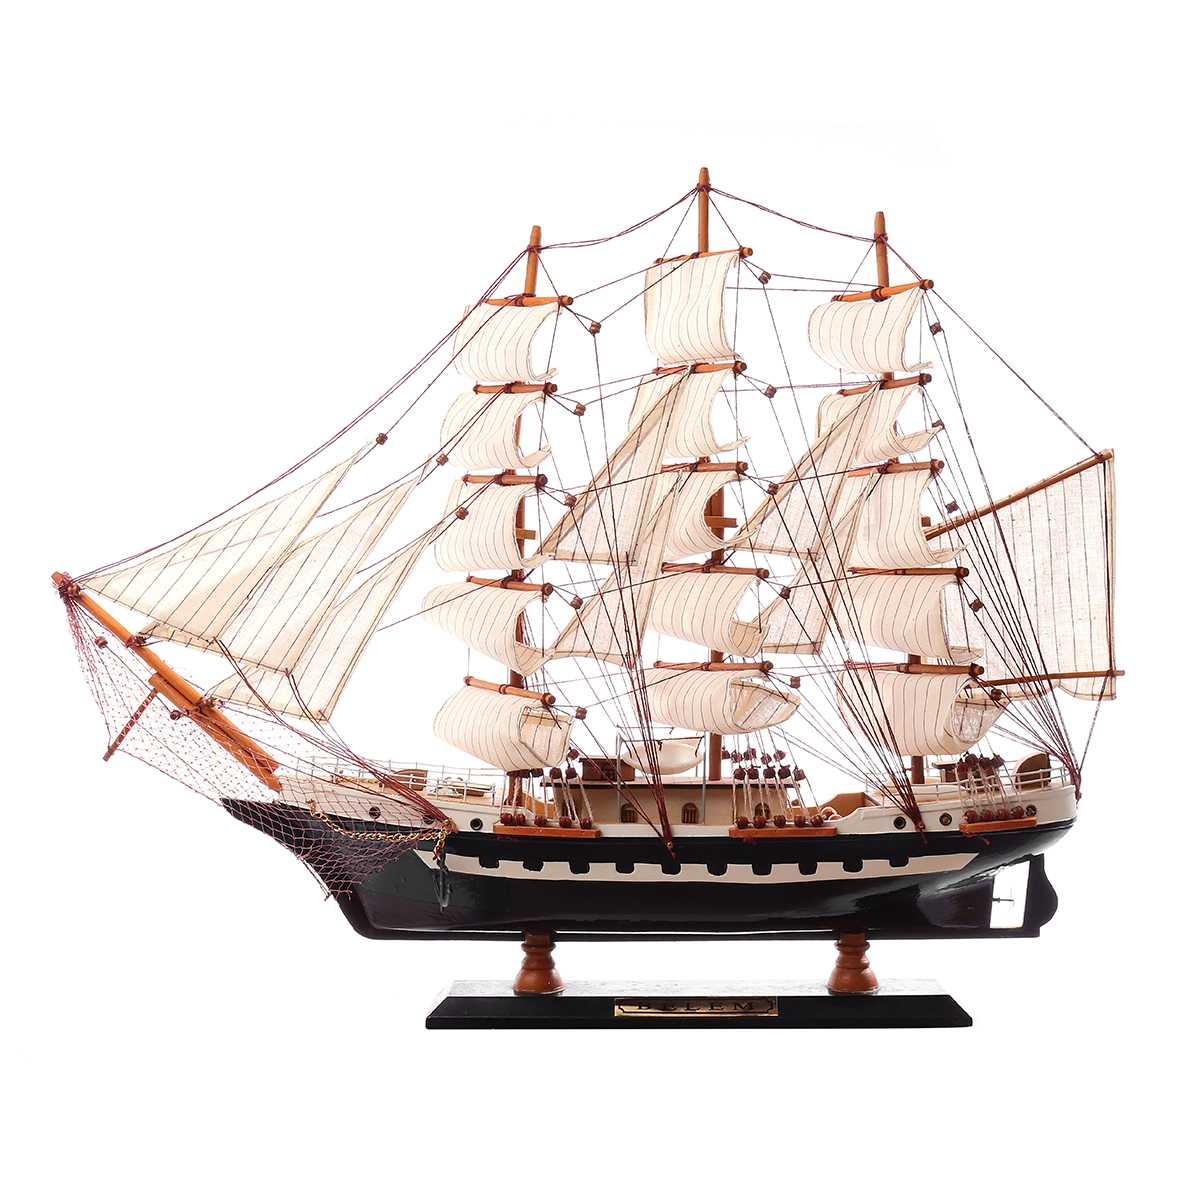 65cm Houten Zeilboot Model Zeilschip Display Schaal Boot Decoratie Gift Kits Montage Model Building Kits Geschenken Decoratie - 2